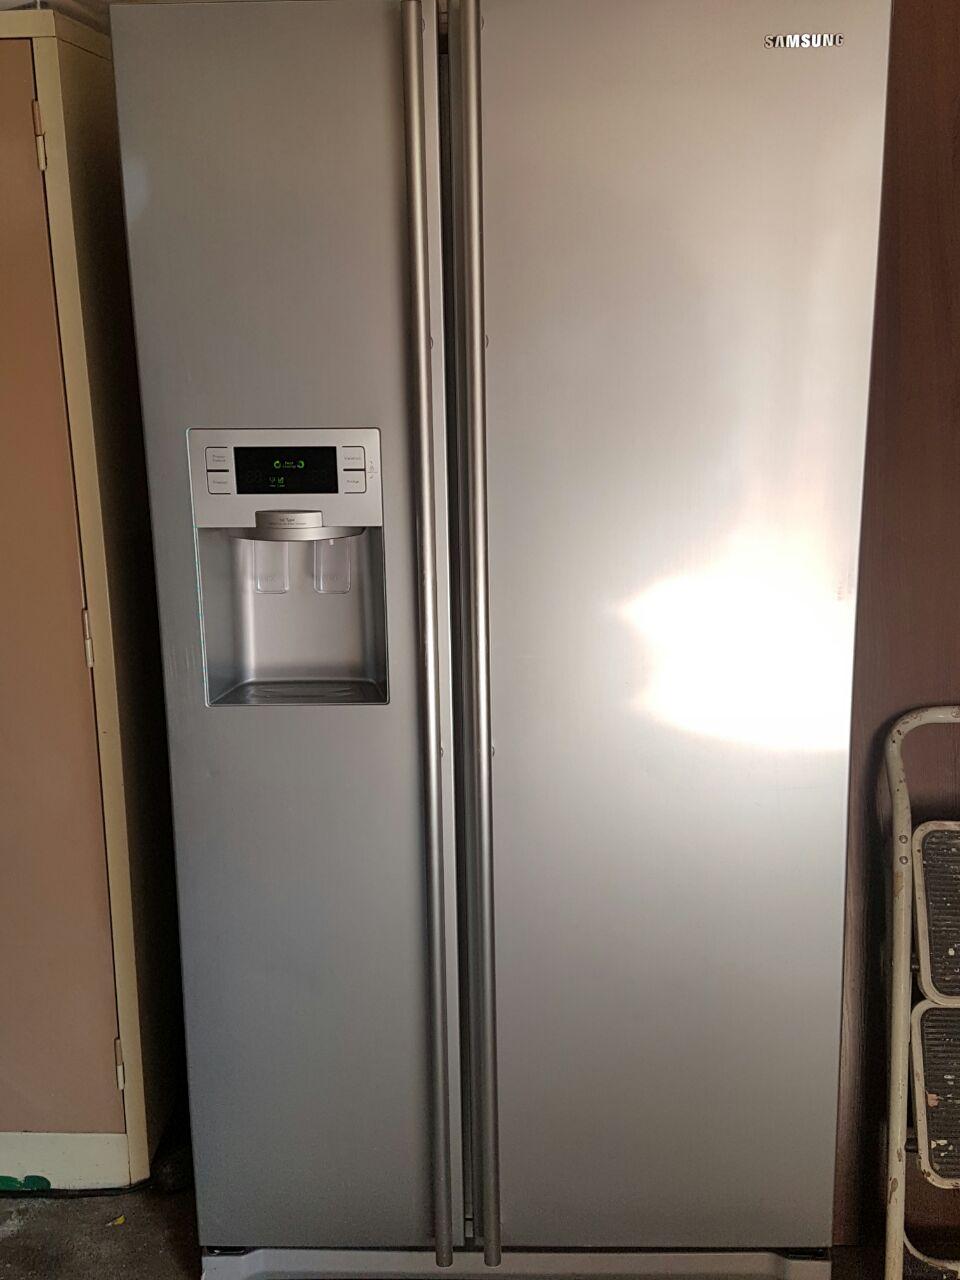 Samsung fridge freeze